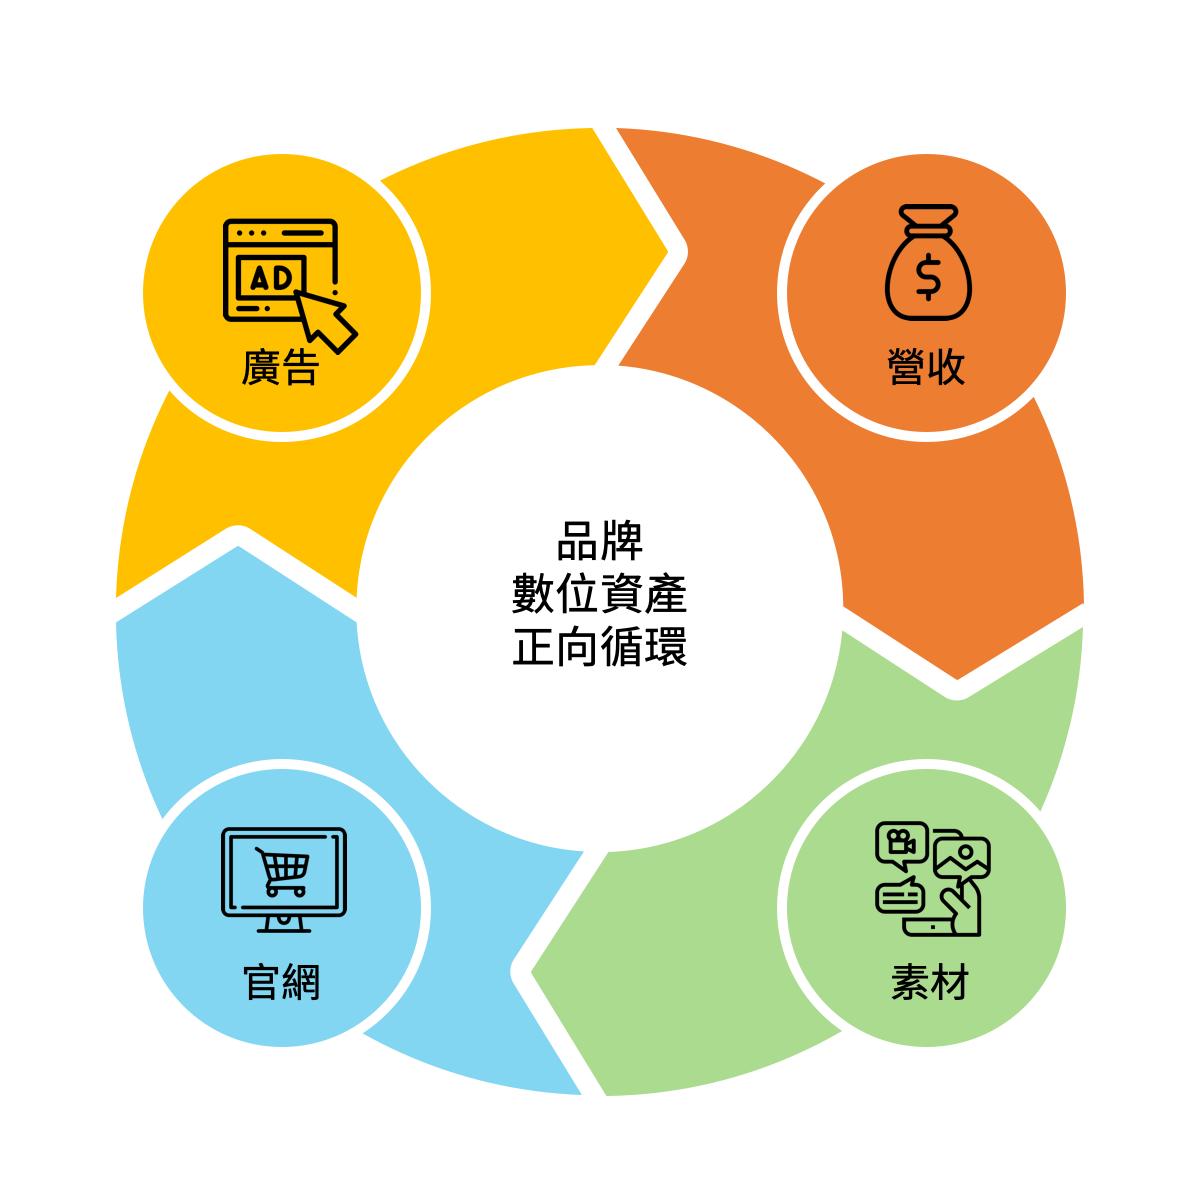 數位資產正向循環迴圈